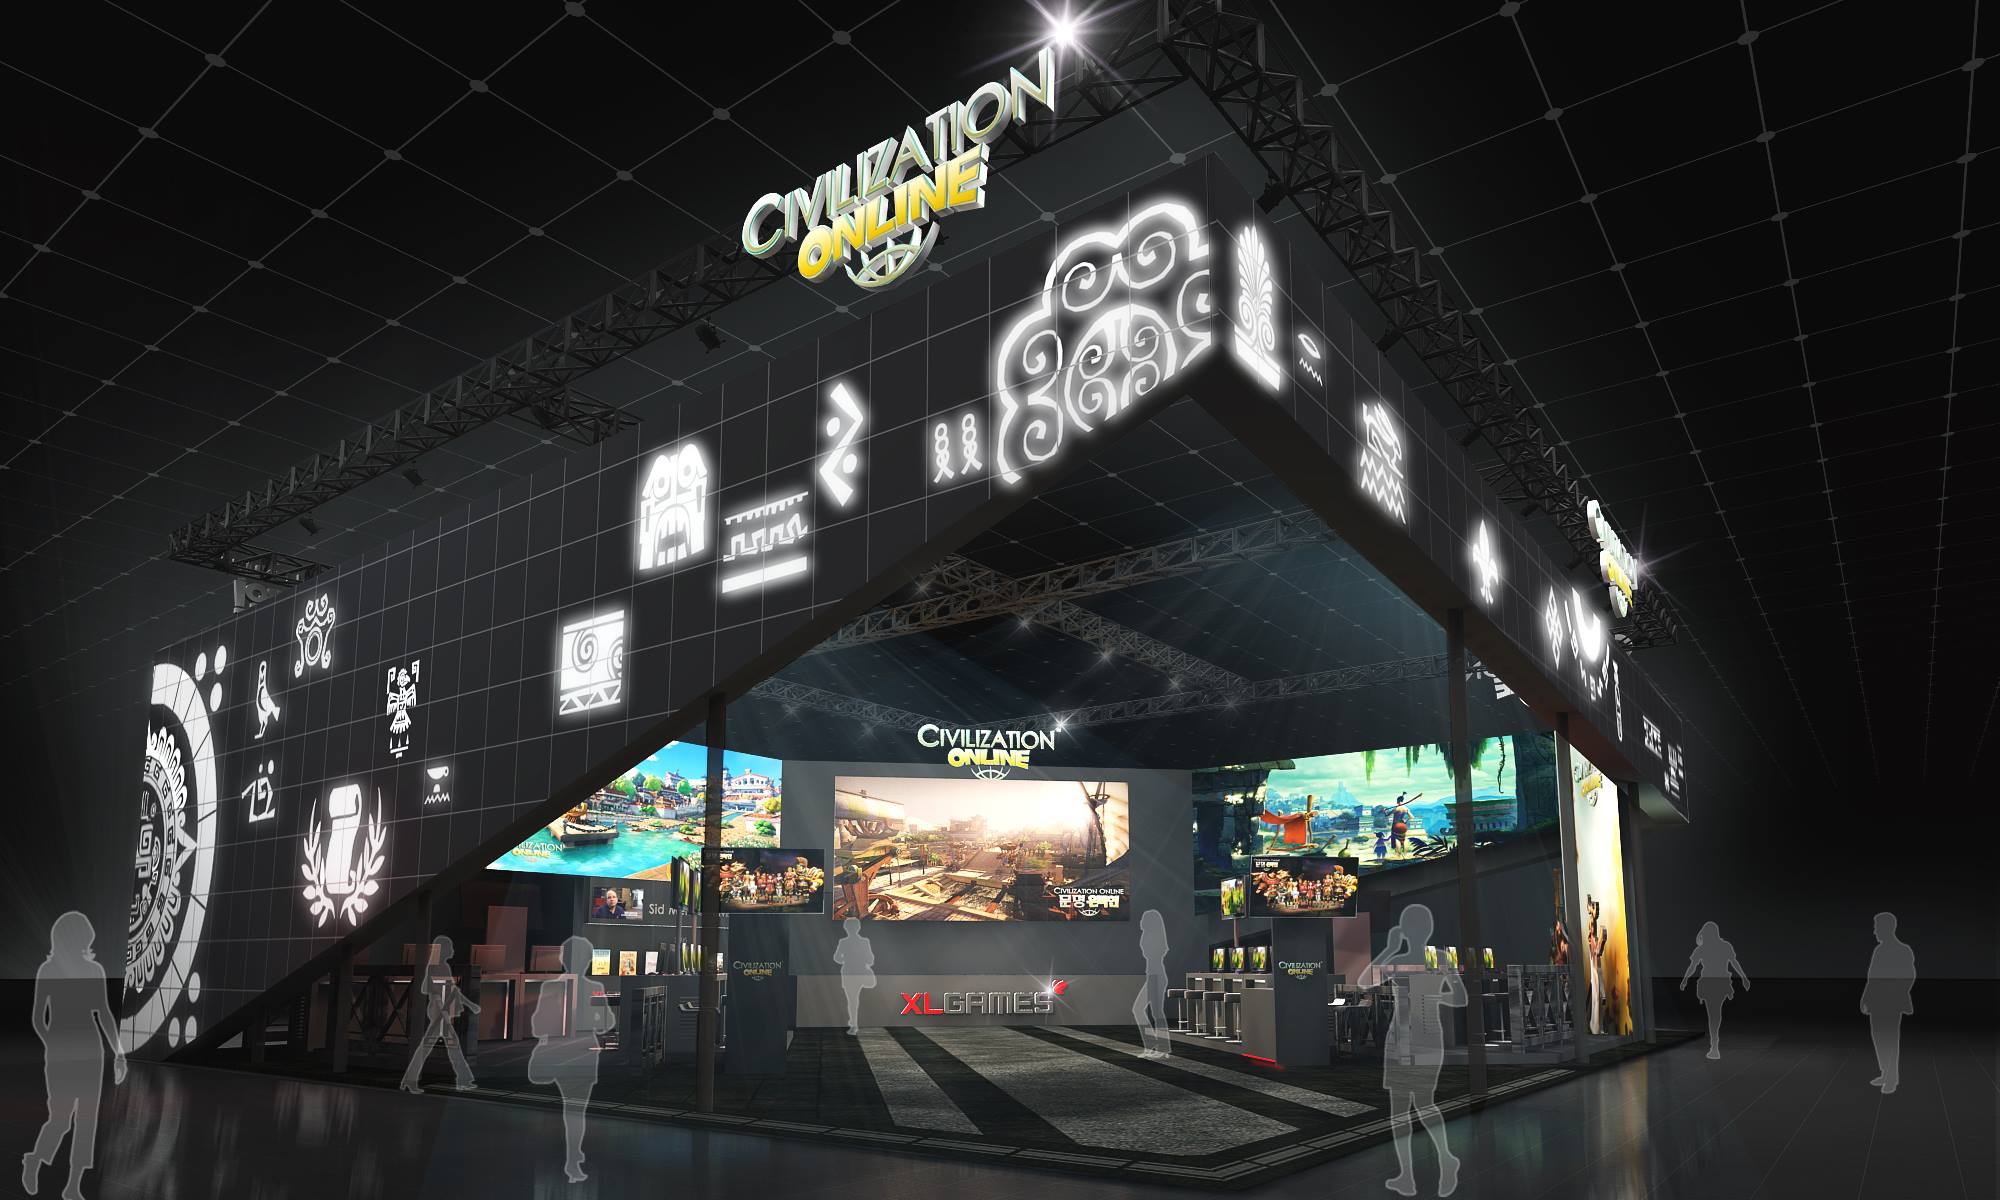 Civilization Online G-Star 2014 booth design